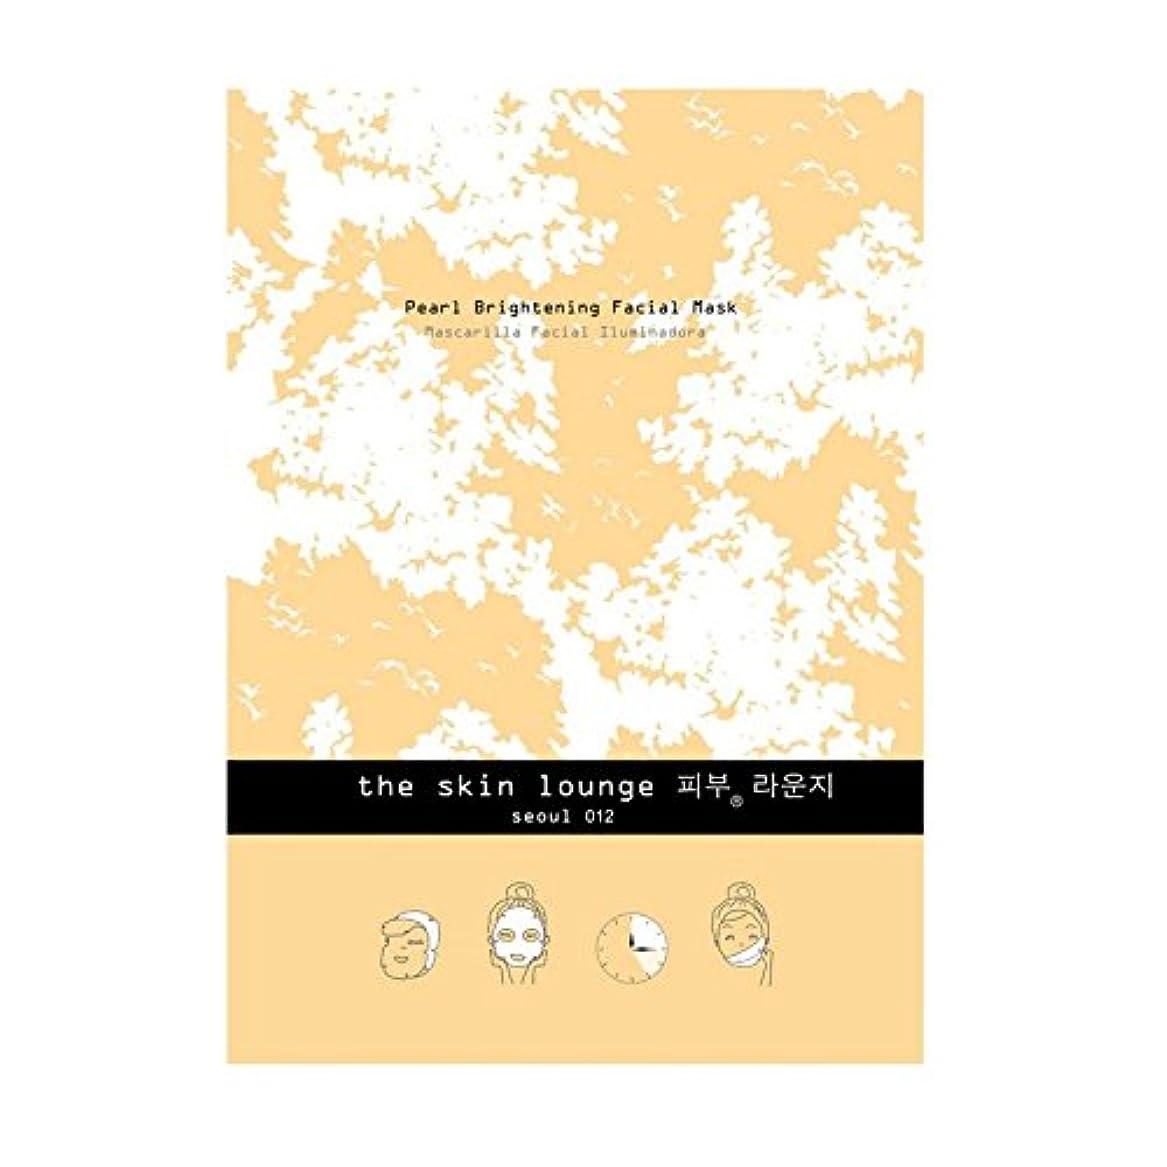 三番座る便宜単一セルロースマスクを明るく皮膚ラウンジ真珠 x4 - The Skin Lounge Pearl Brightening Single Cellulose Mask (Pack of 4) [並行輸入品]